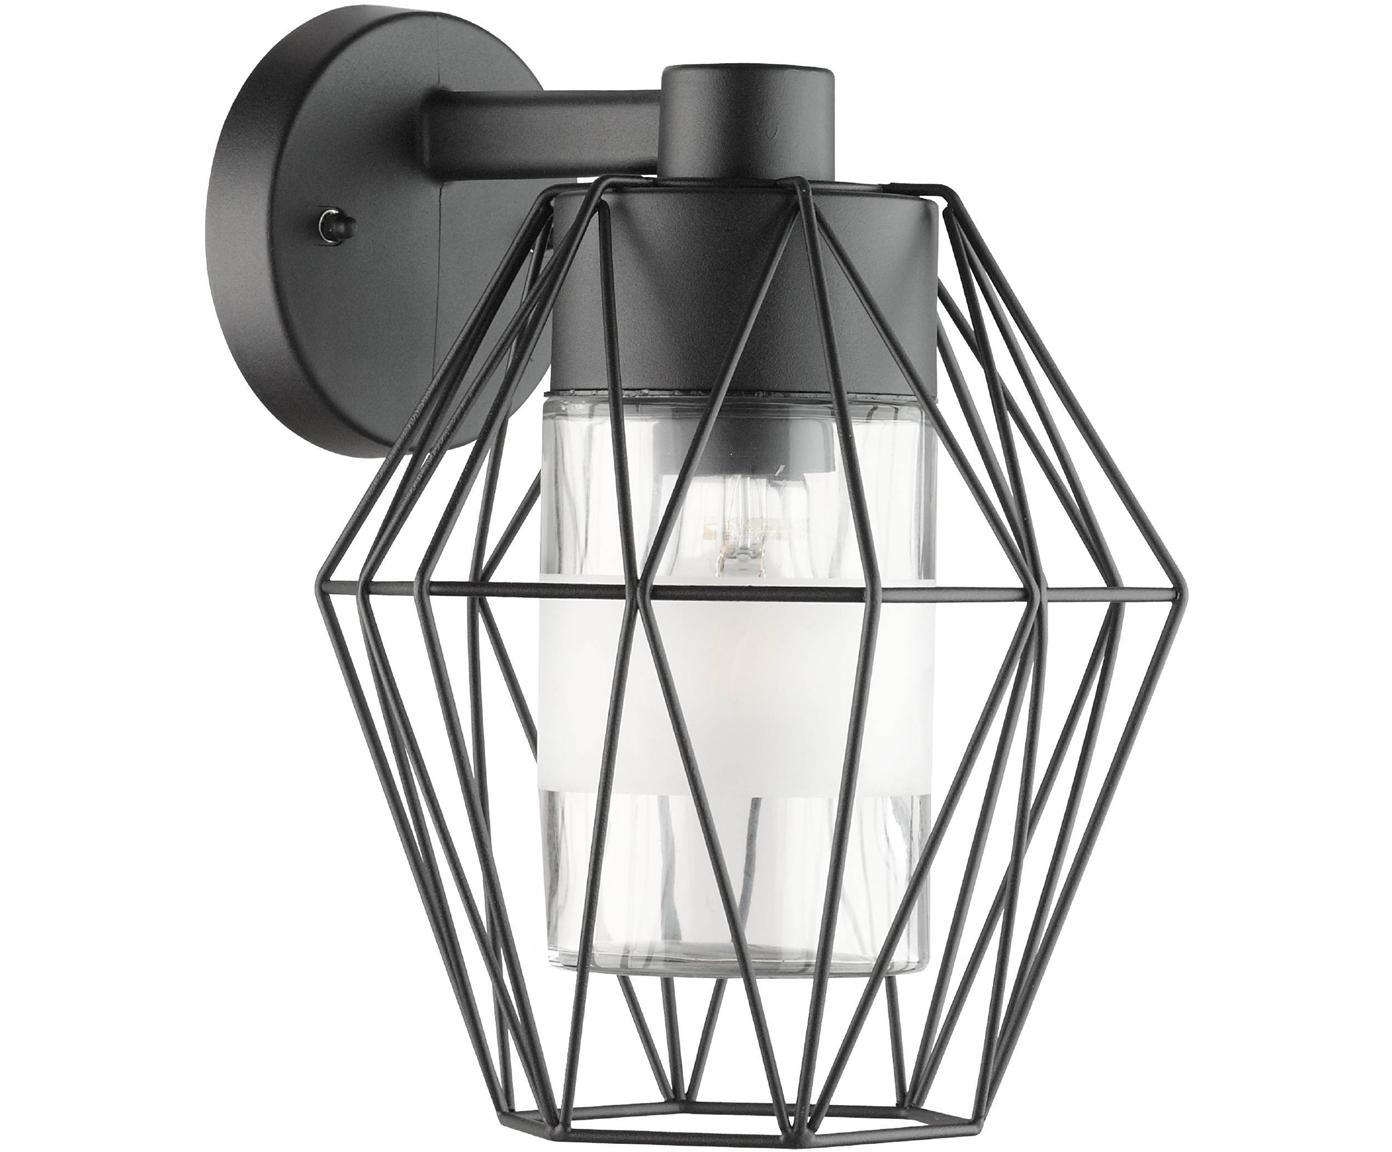 Aplique para exterior Canove, Pantalla: vidrio satinado, Estructura: acero galvanizado, Negro, An 23 x F 24 cm